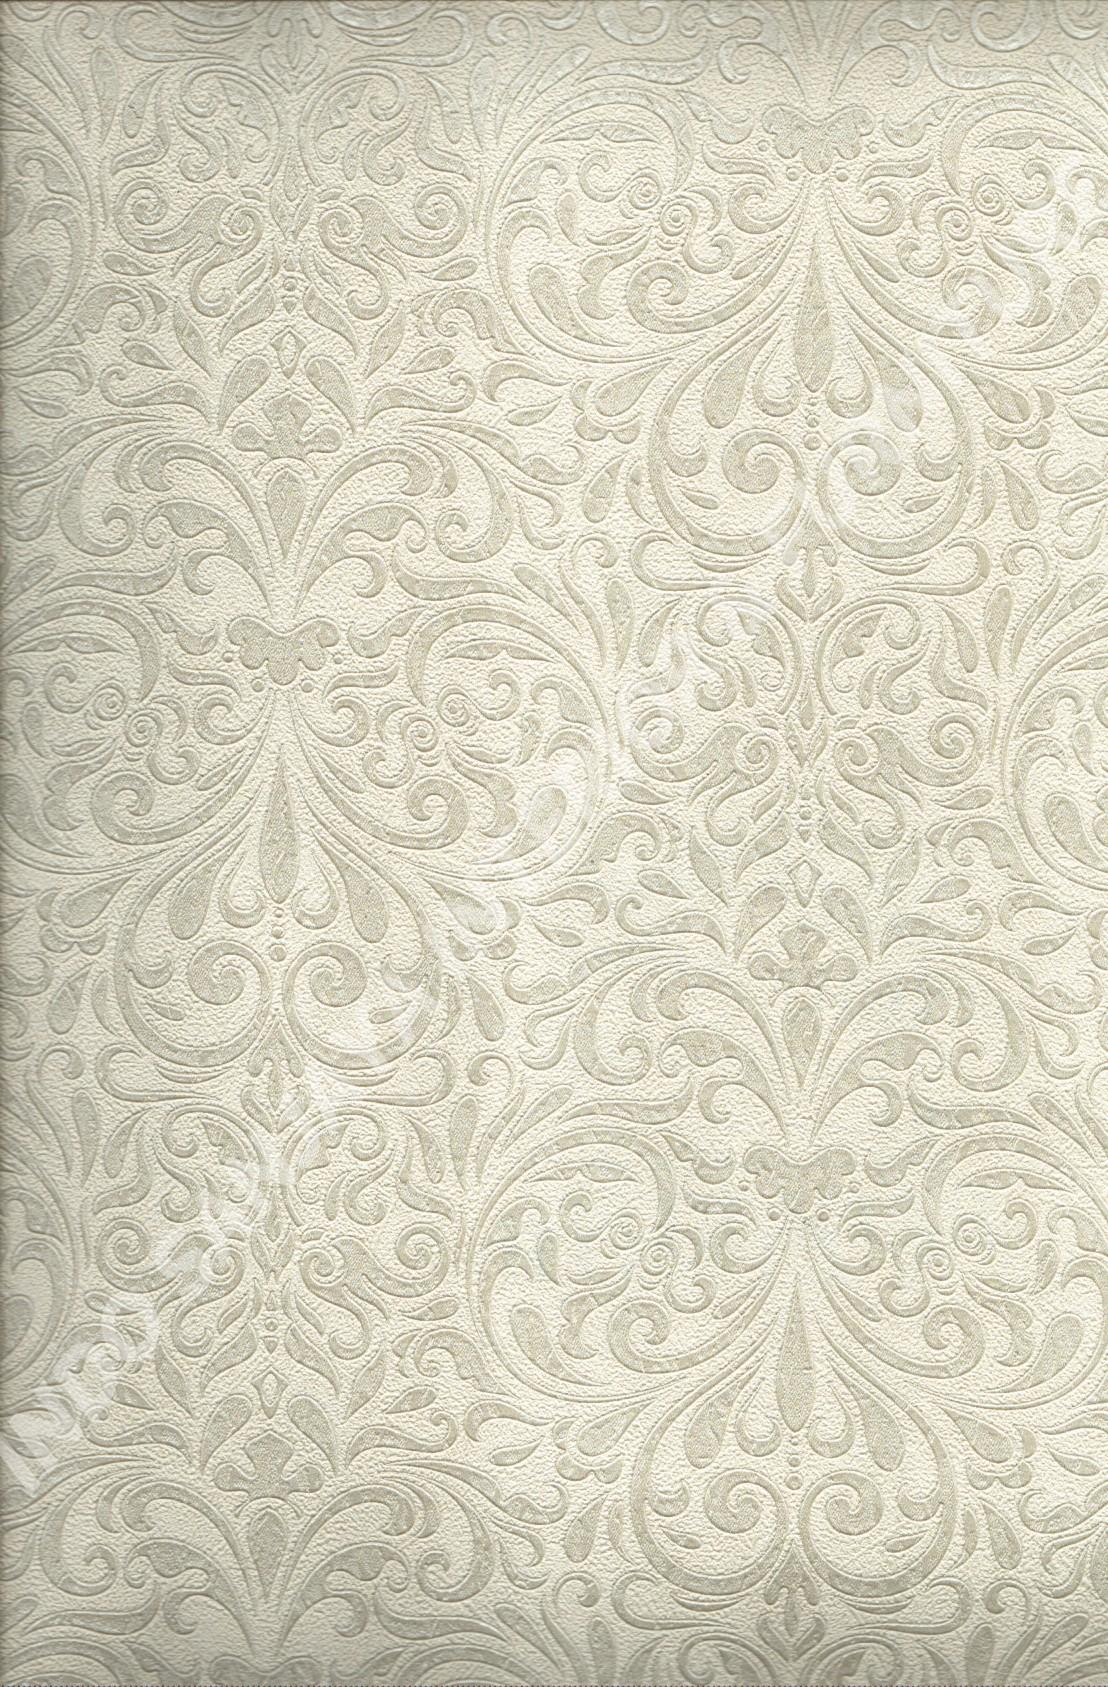 wallpaper   Wallpaper Klasik Batik (Damask) 11032:11032 corak  warna